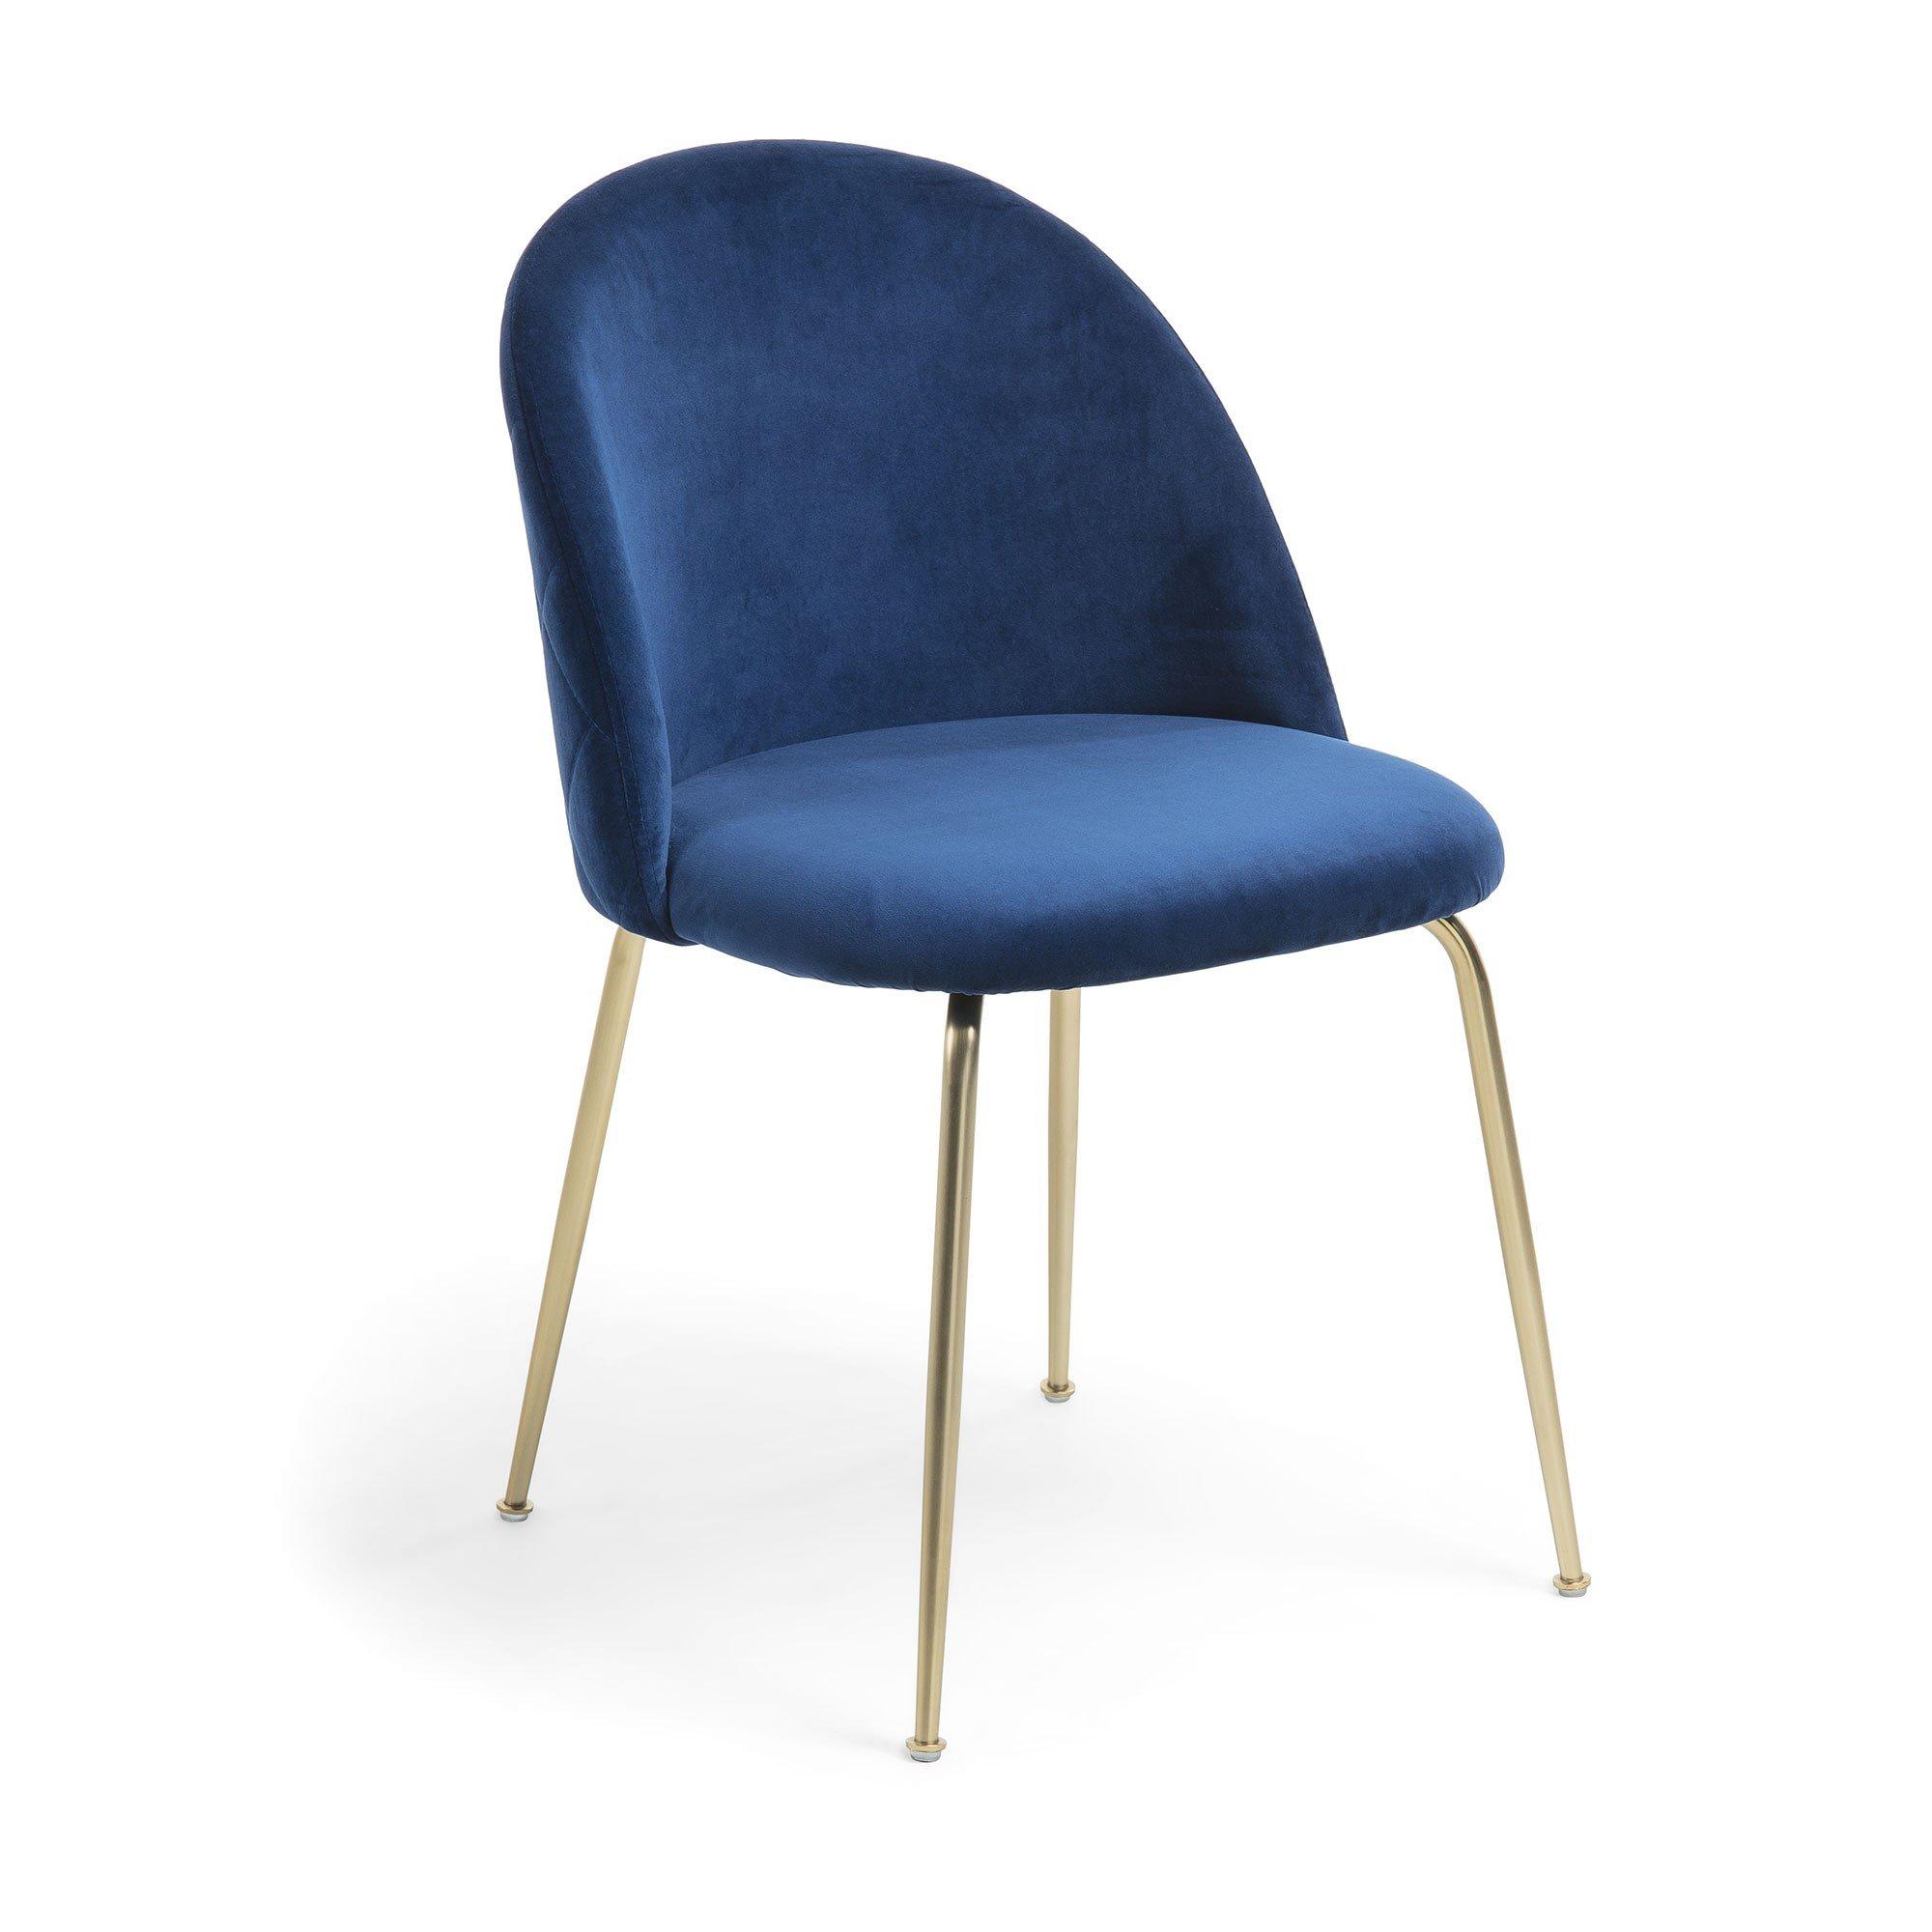 Silla terciopelo azul con patas doradas dindonliving